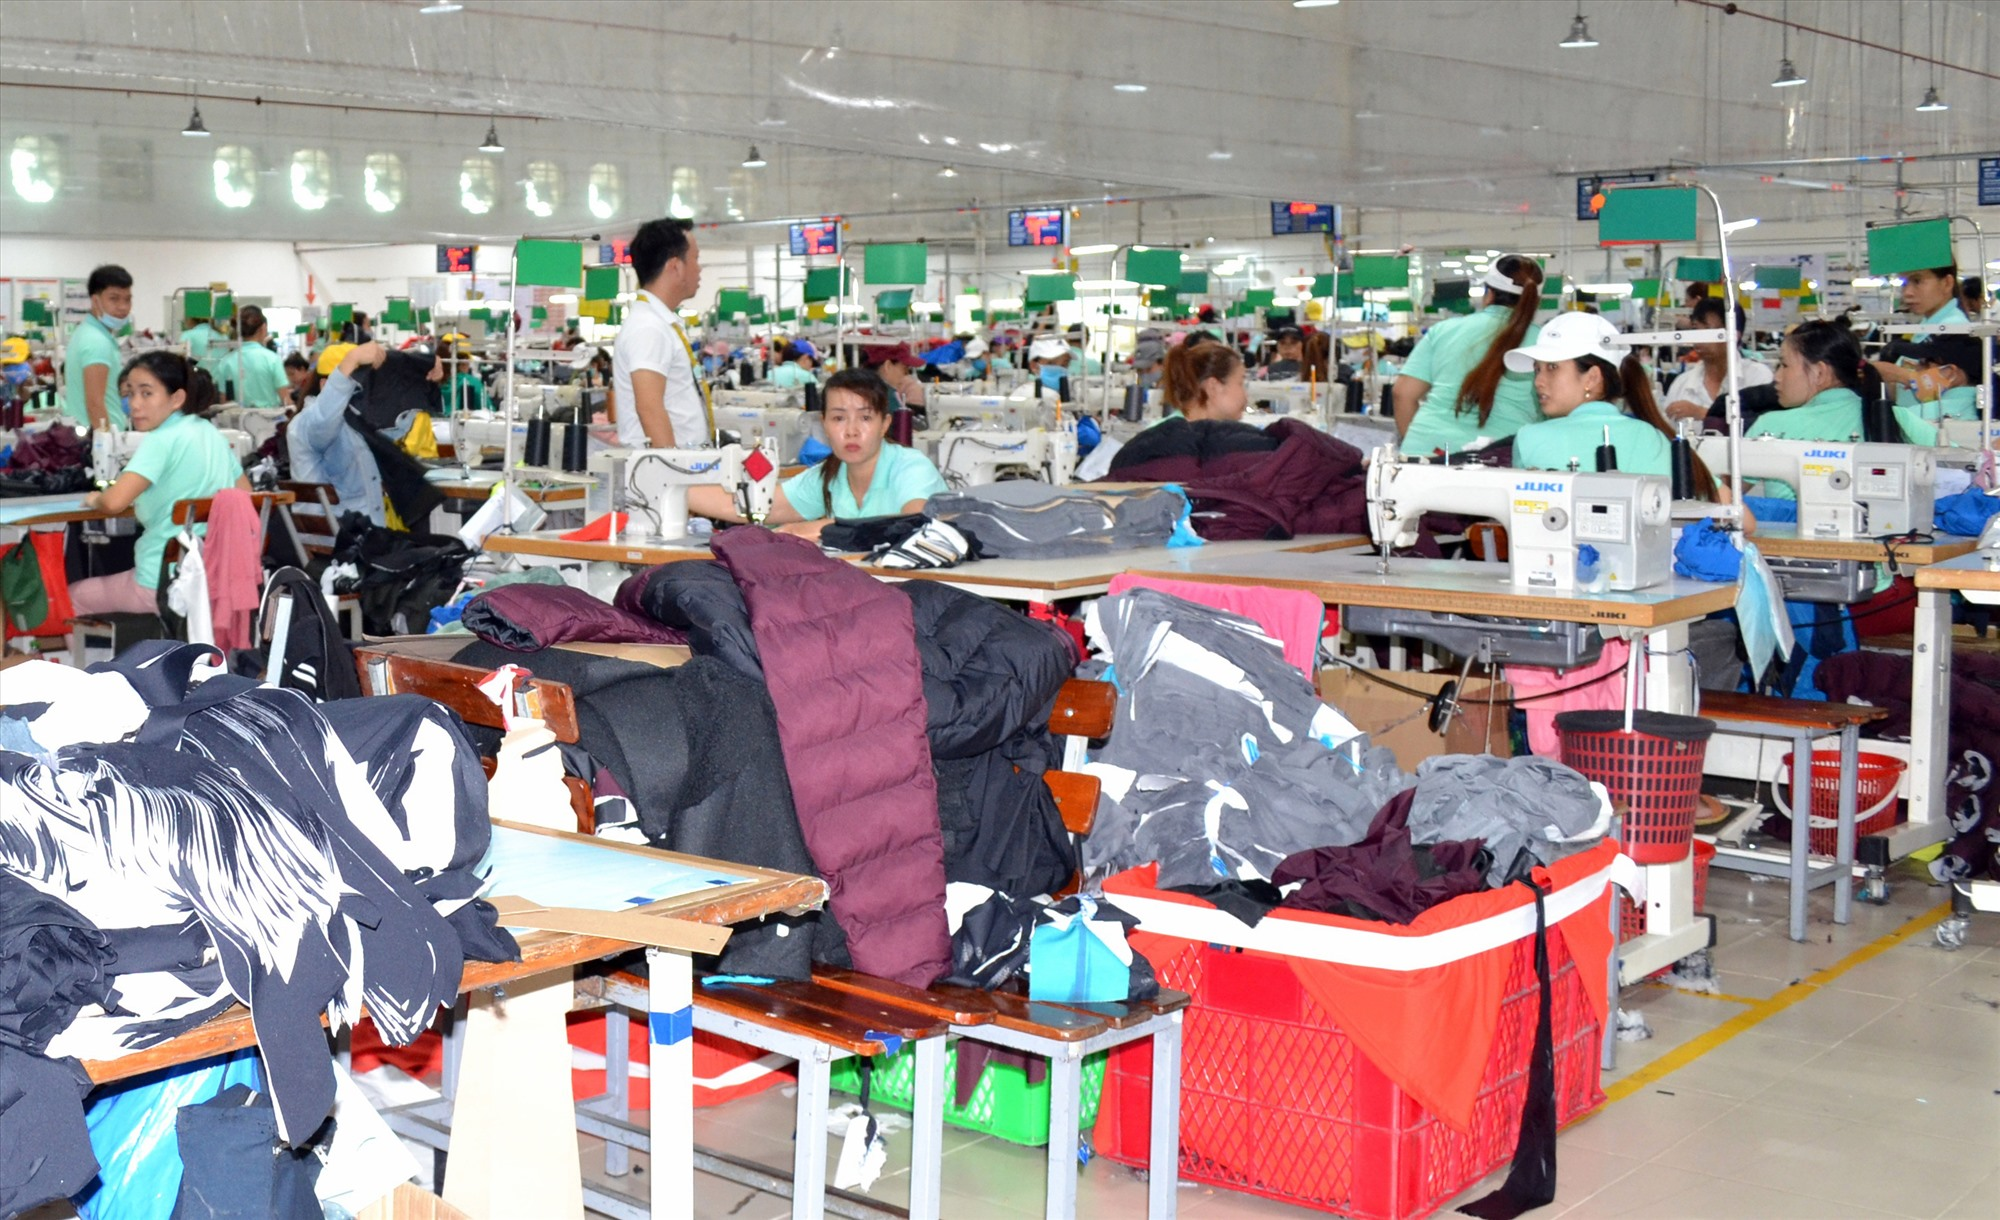 Tạo thuận lợi cho hoạt động của doanh nghiệp là một trong những nhiệm vụ cải cách hành chính của huyện Thăng Bình. Ảnh: VIỆT NGUYỄN